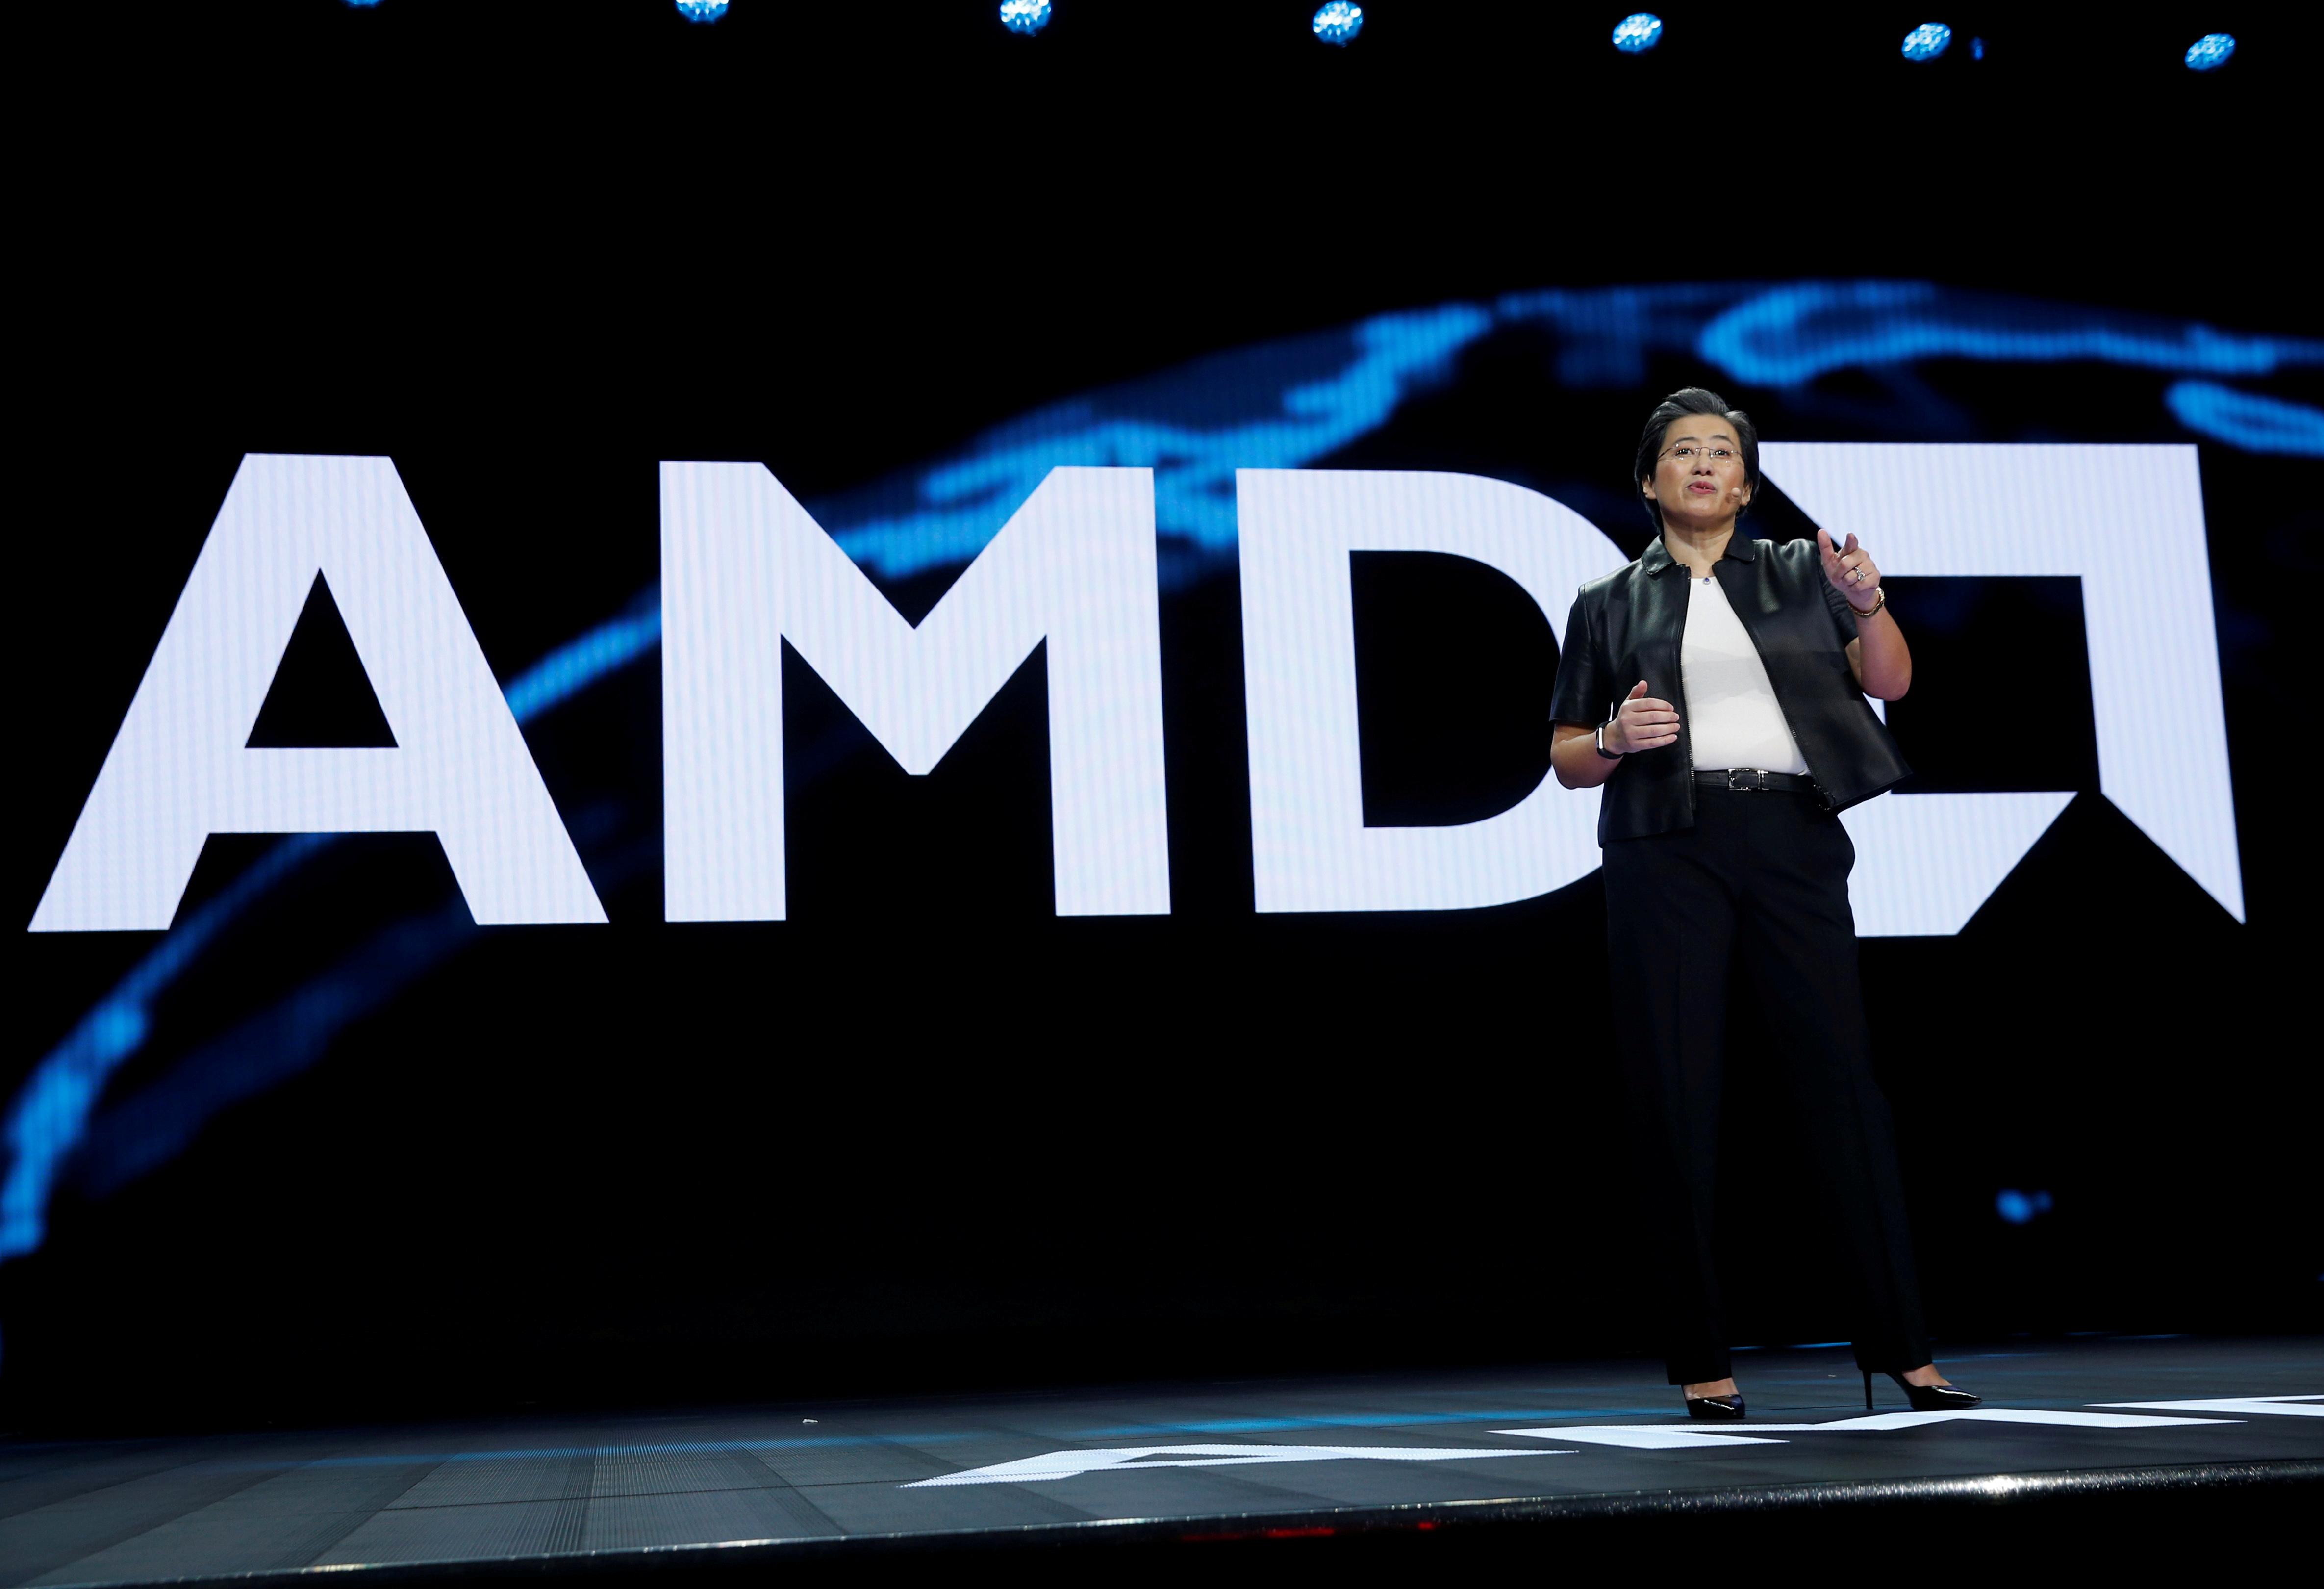 Lisa Su, chủ tịch và giám đốc điều hành của AMD, có bài phát biểu quan trọng trong CES 2019 ở Las Vegas, Nevada, Hoa Kỳ, ngày 9 tháng 1 năm 2019. REUTERS / Steve Marcus / File Photo